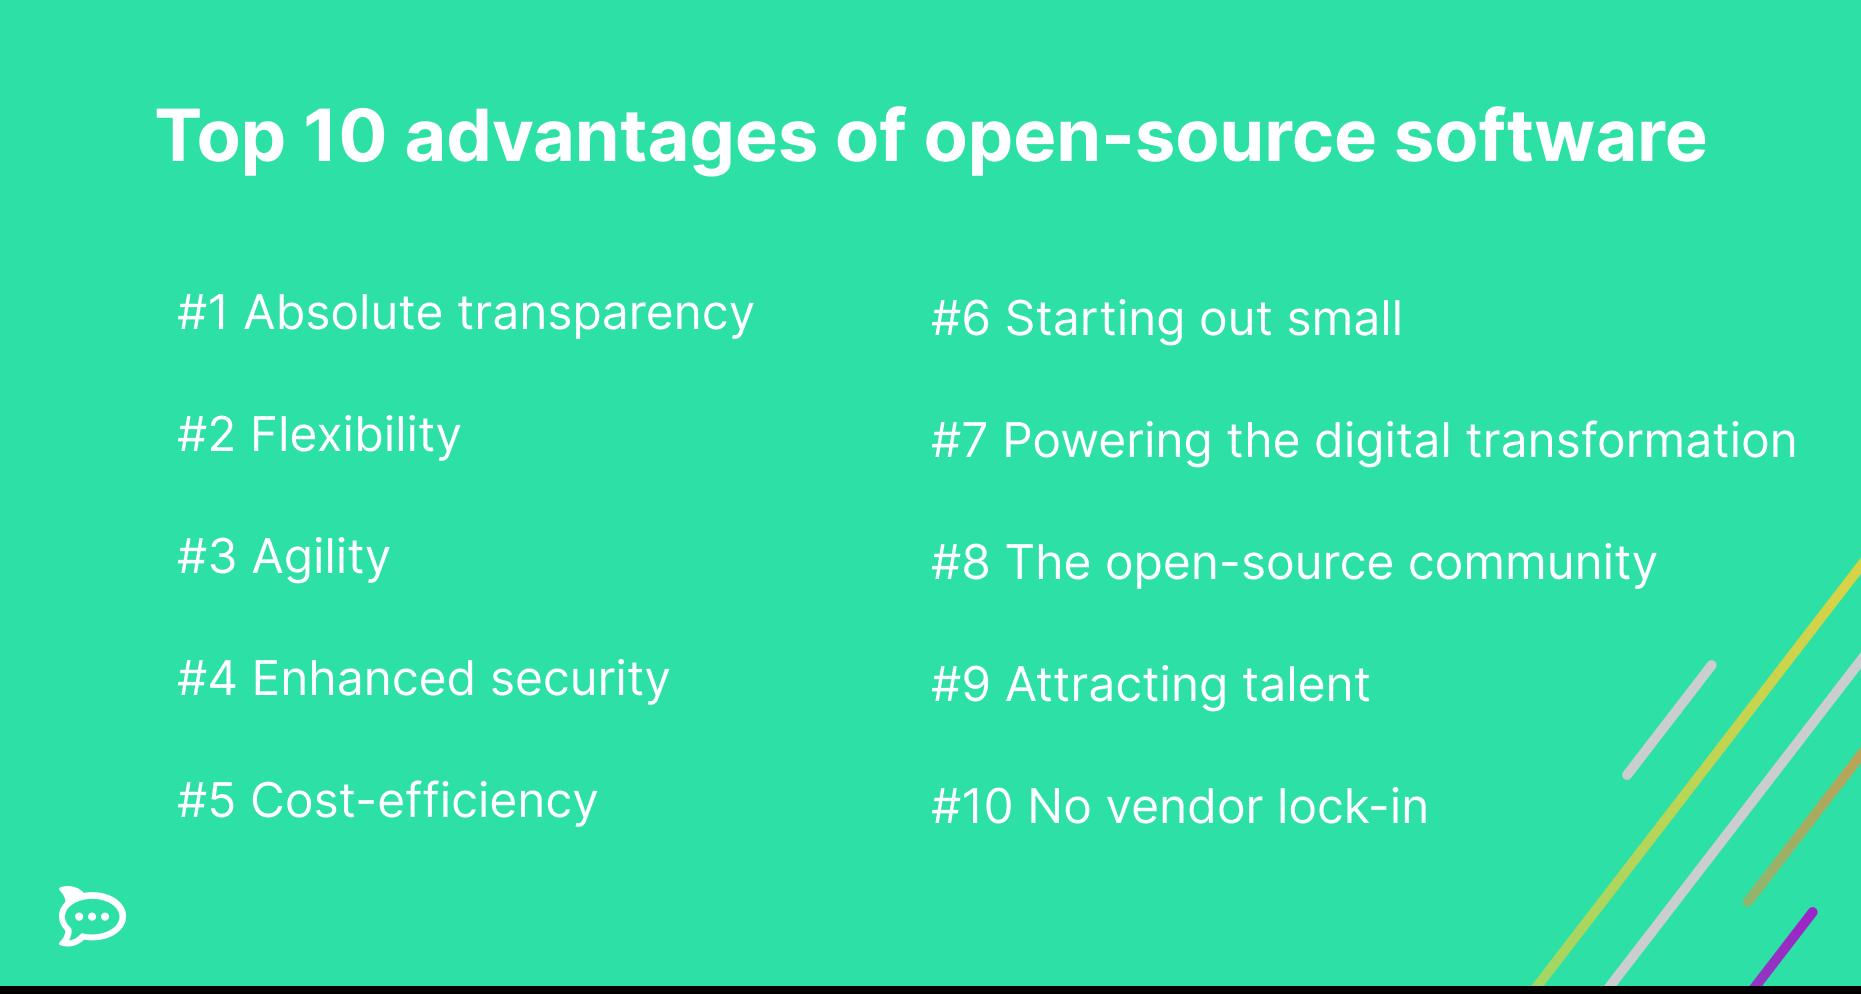 open source software advantages